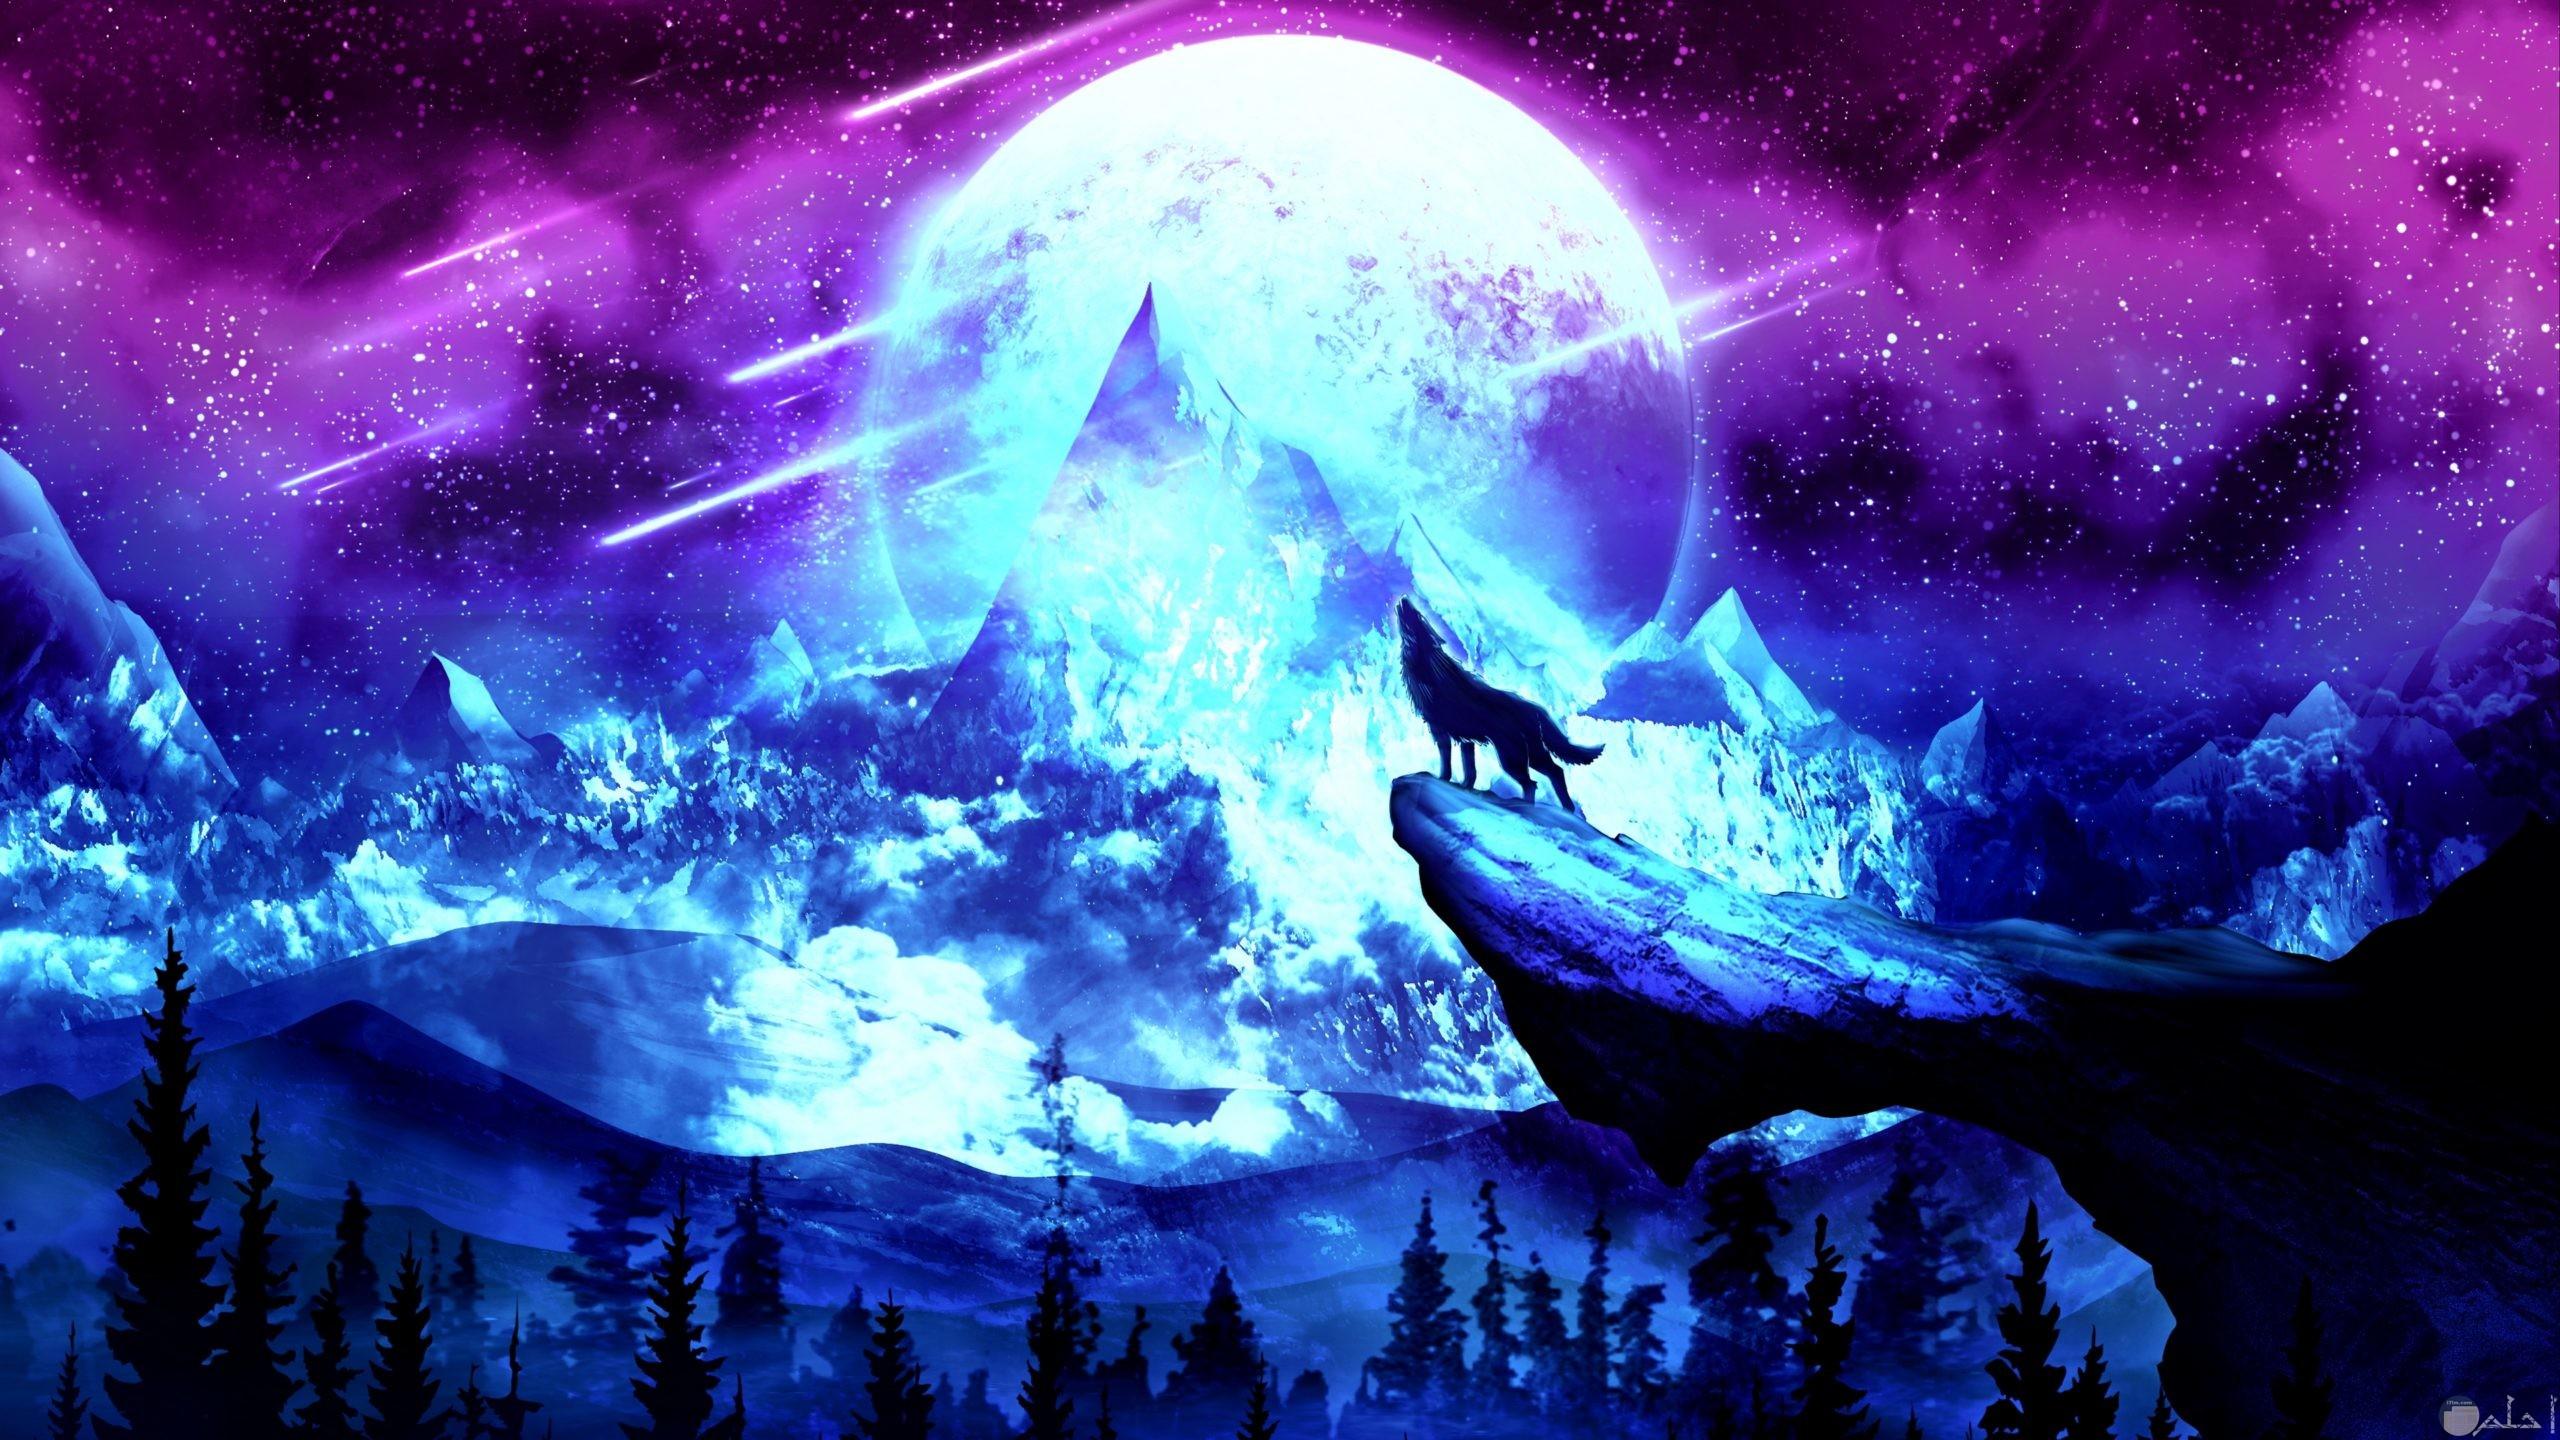 خلفية خيالية لذئب يقف أعلى الصخرة.